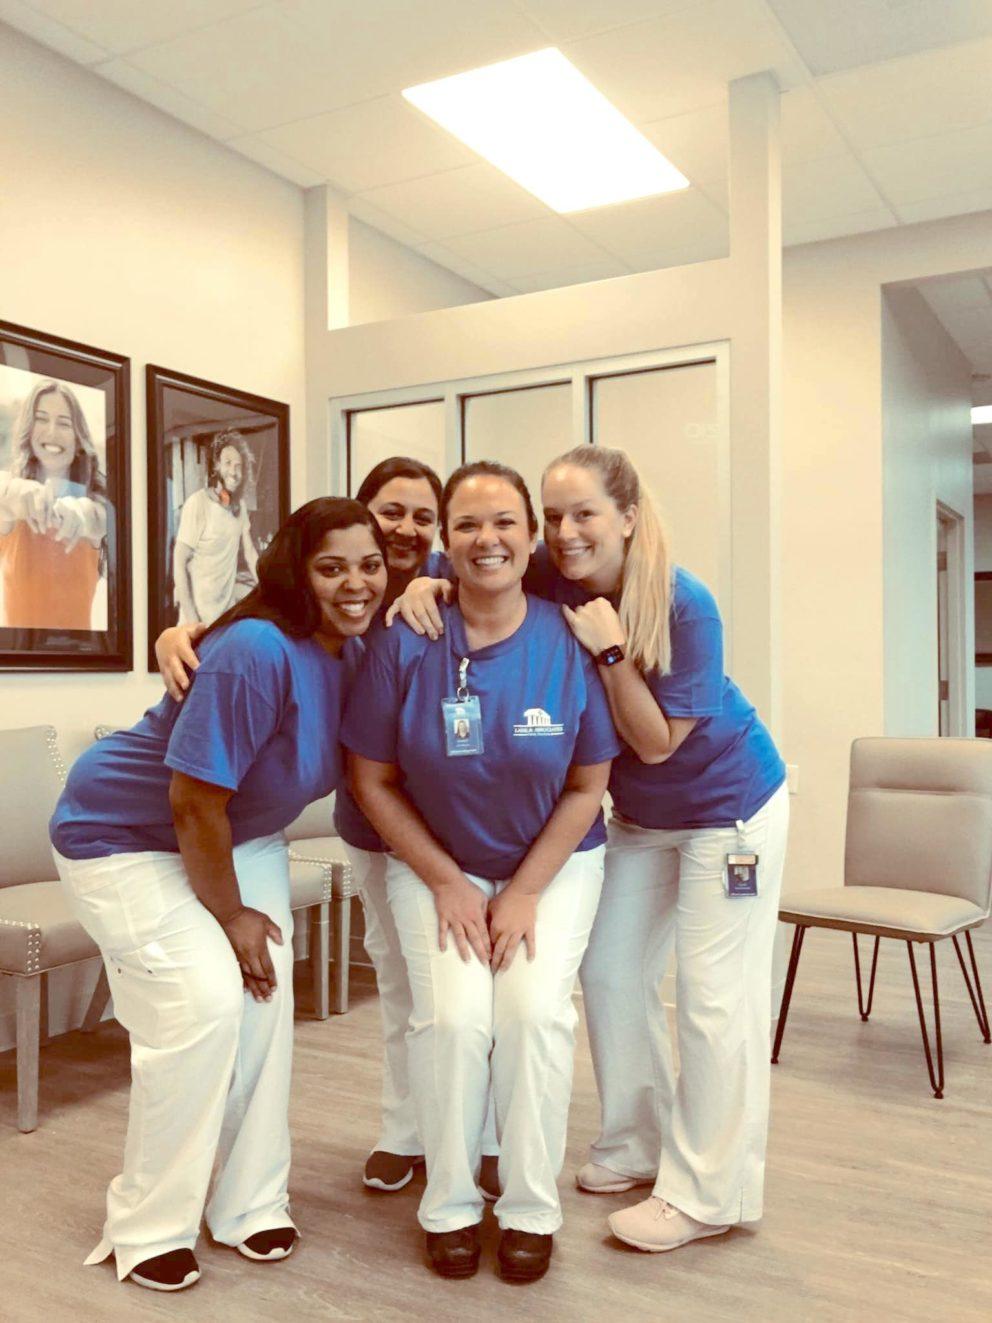 Mebane dentist office staff smiling for group shot in lobby